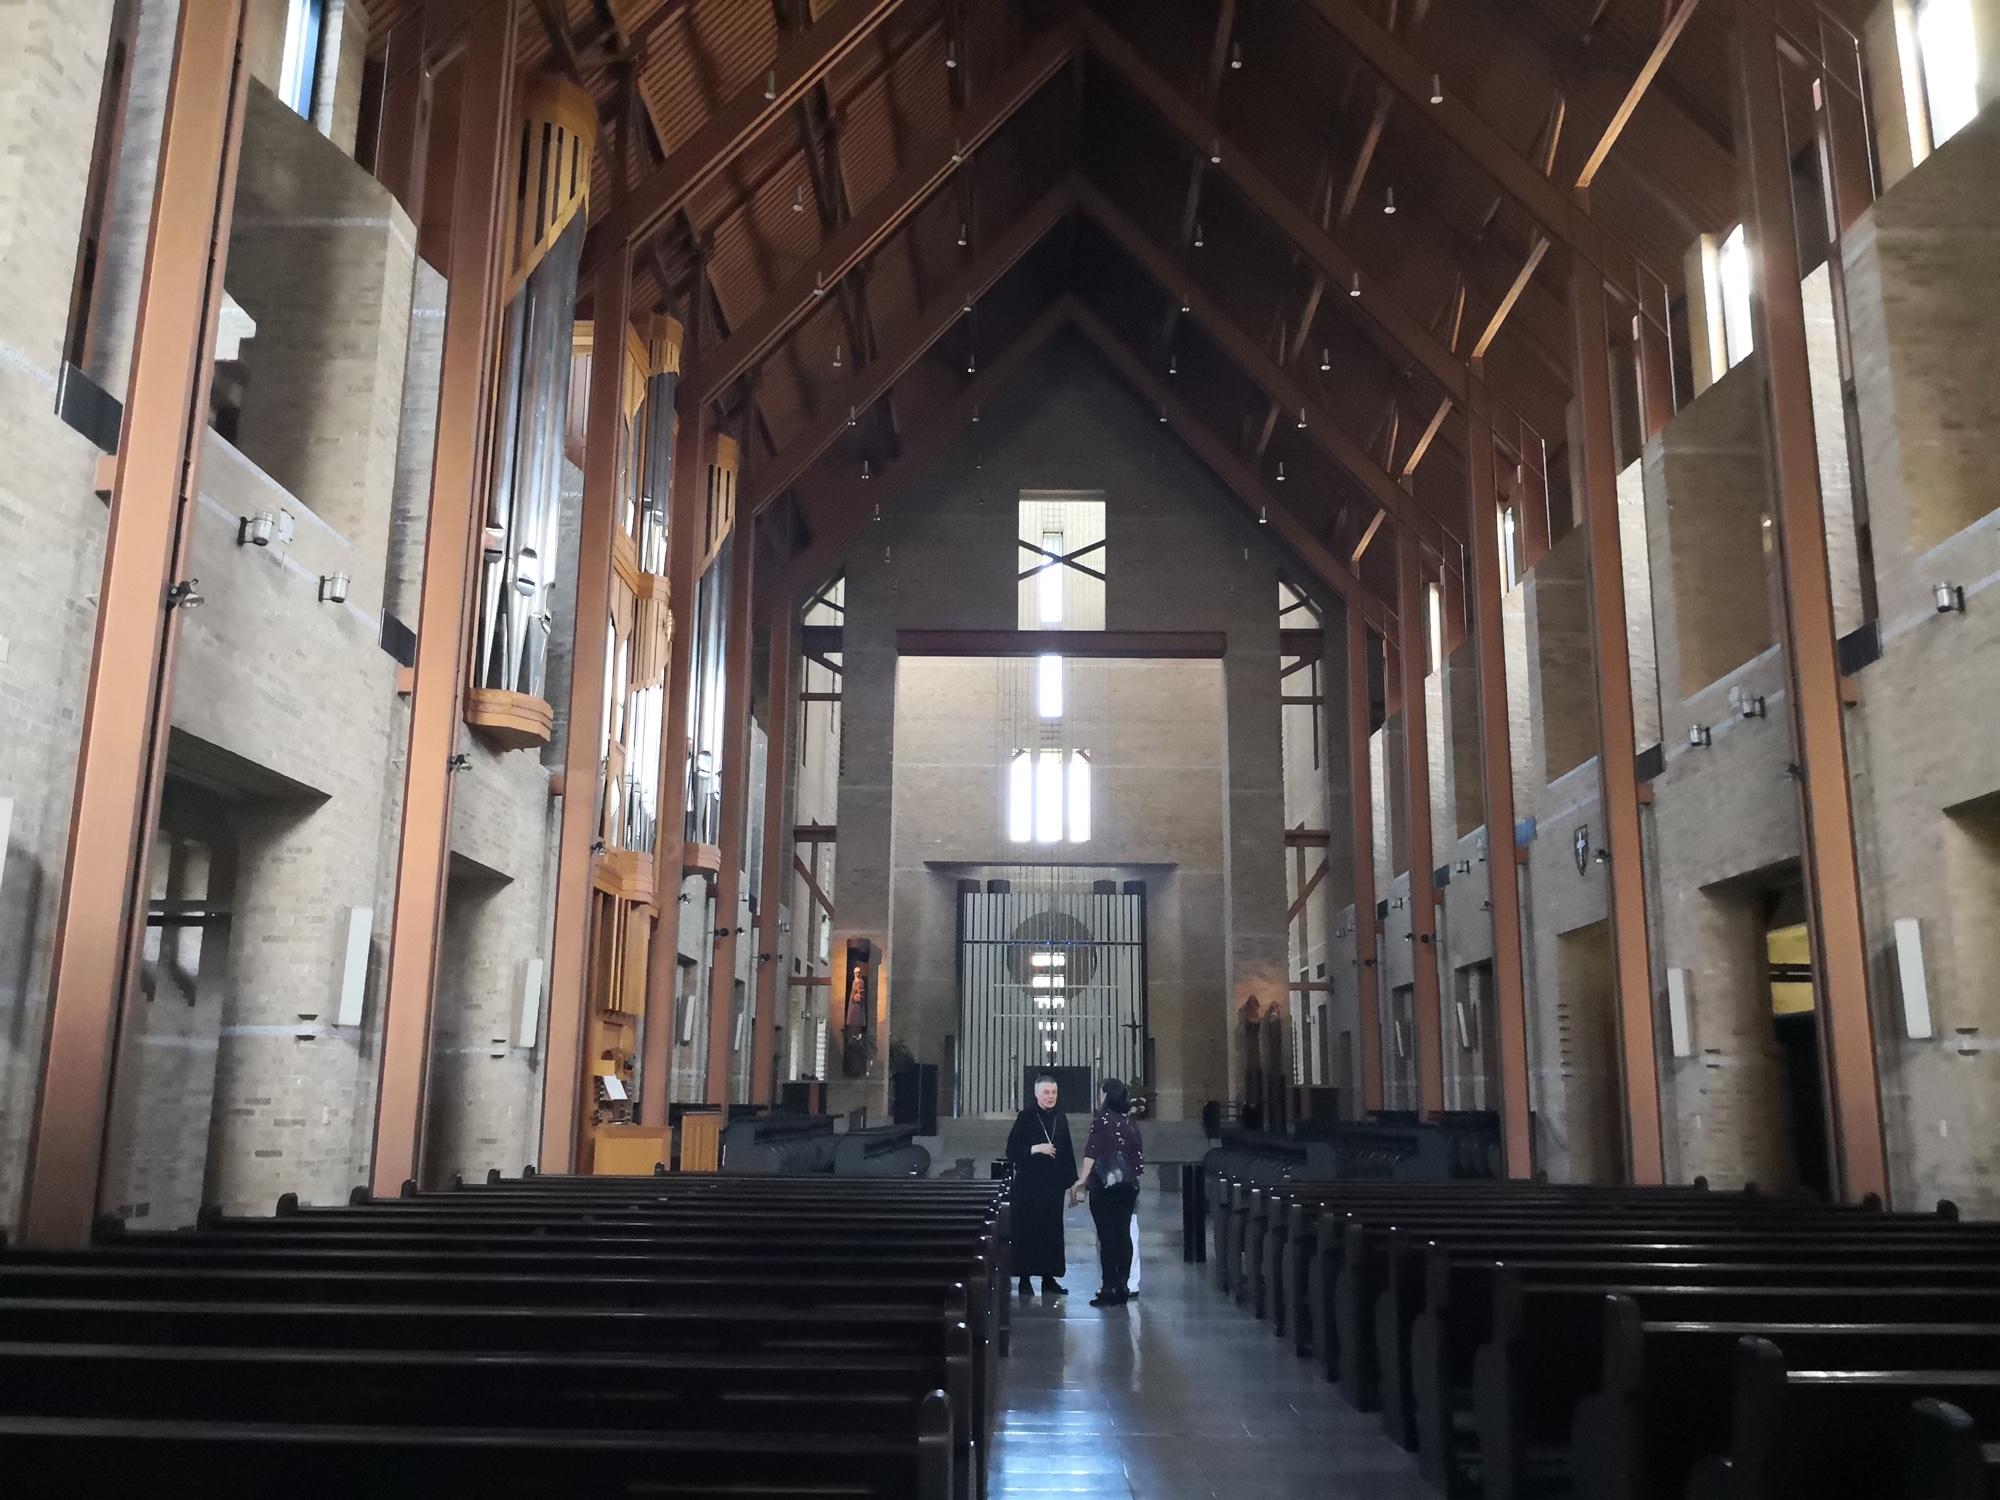 イースタンタウンシップス 修道院